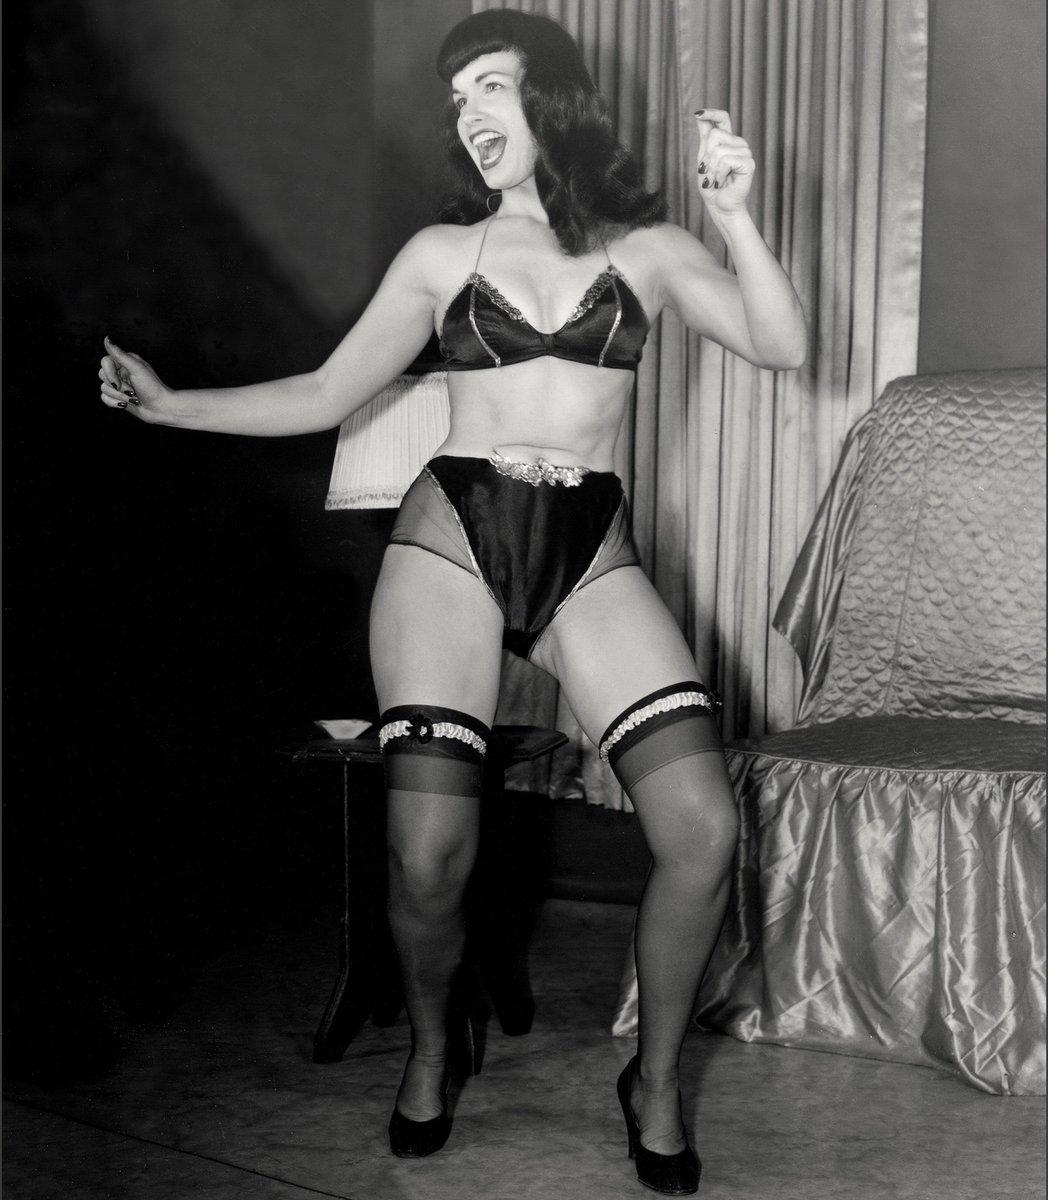 Living room dance party — aaaaand GO!!  . #bettiepage #weekend #danceparty #pinupqueen #1950s #irvingklaw #pinuppic.twitter.com/JAdS5y0JmY